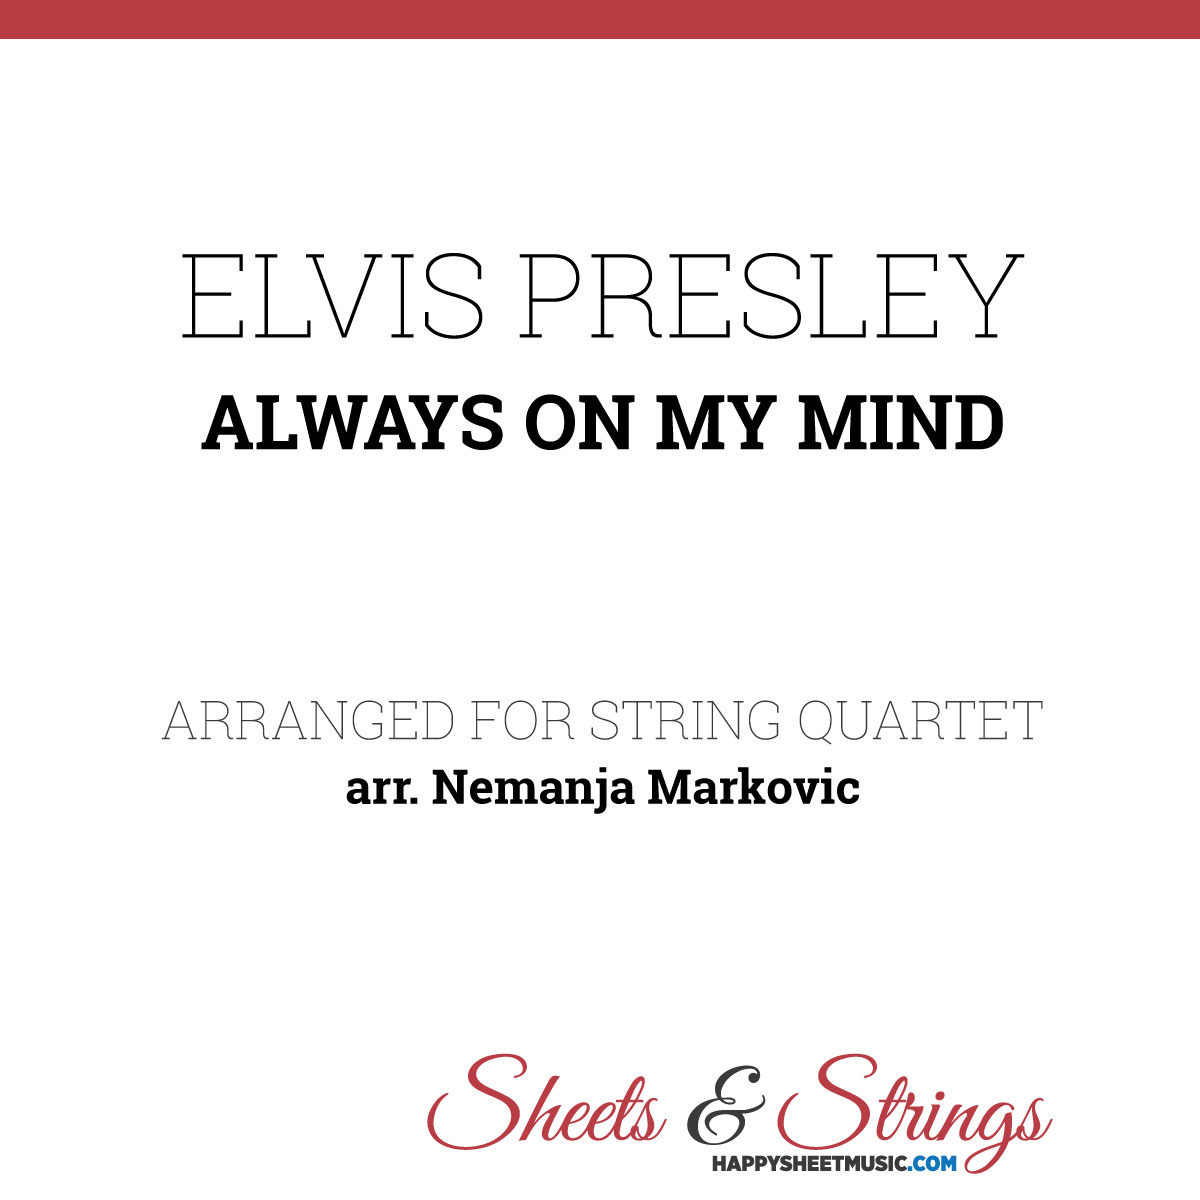 Elvis Presley - Always On My Mind - Sheet Music for String Quartet - Music Arrangement for String Quartet